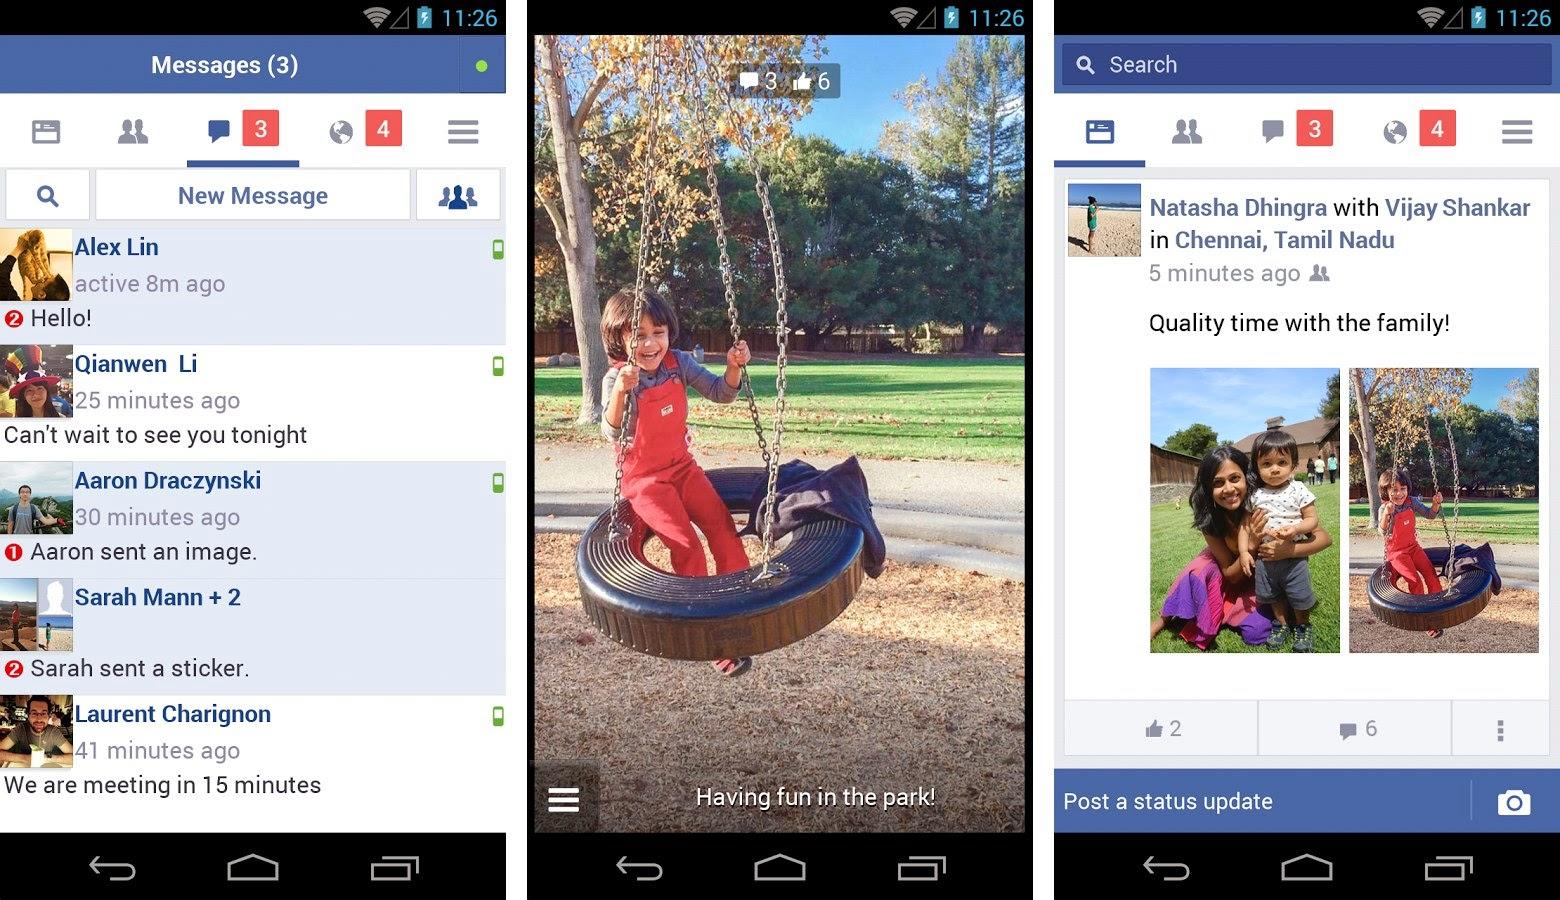 Facebook%2Blite%2BFull%2BApk%2BLatest%2Bversion%2BDownload%2B%2B2015 Facebook lite Full Apk Latest version Download Apps